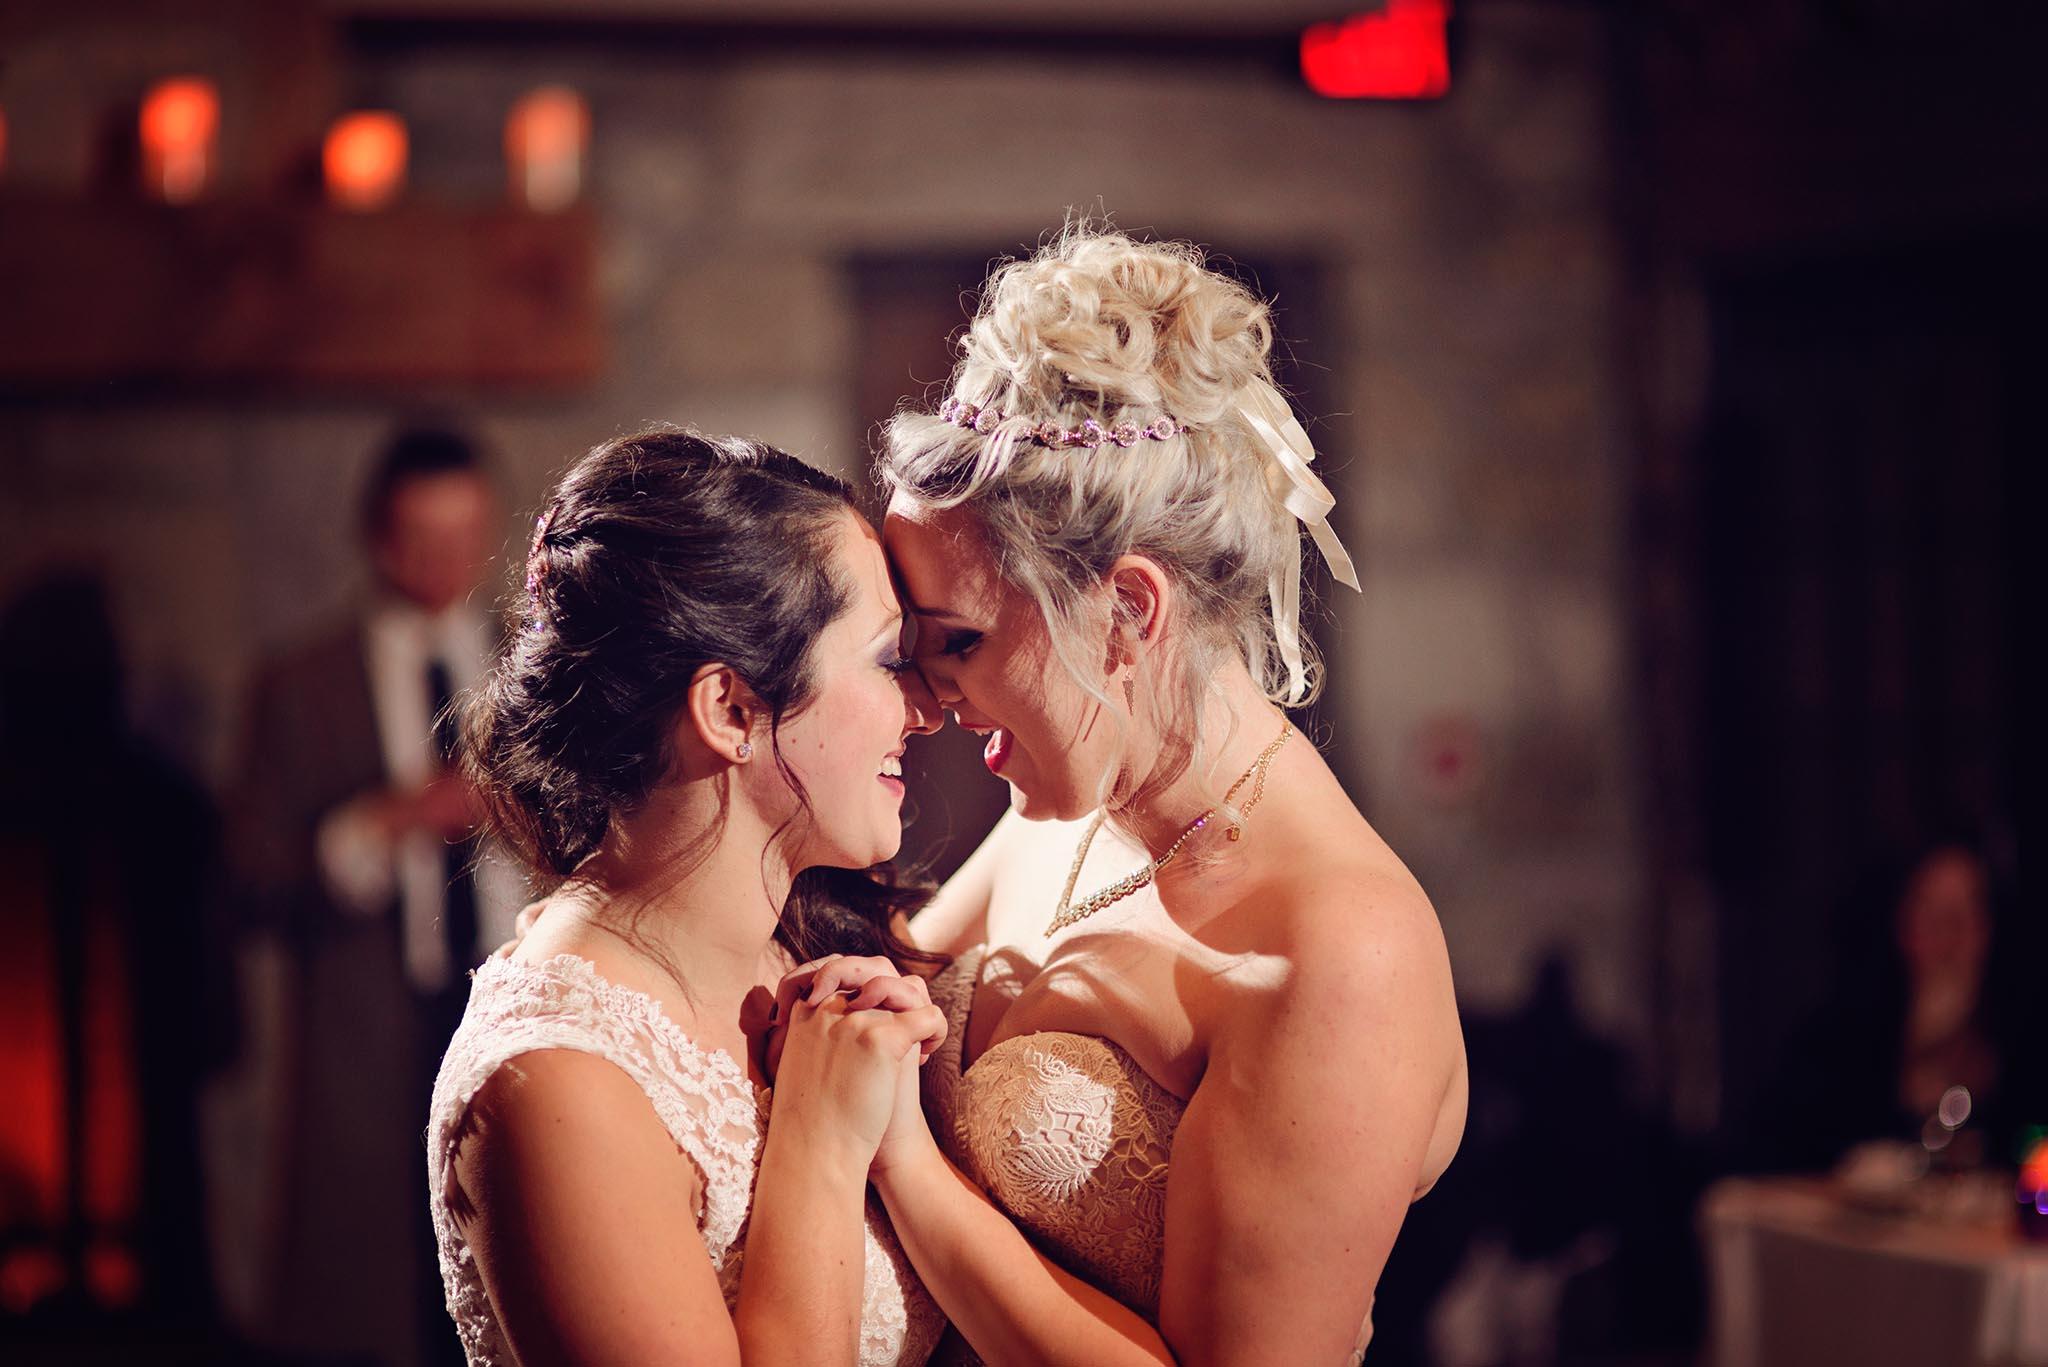 Peter-Bendevis-Photography-Kris-Laura-Cambridge-Mill-Winter-Wedding51